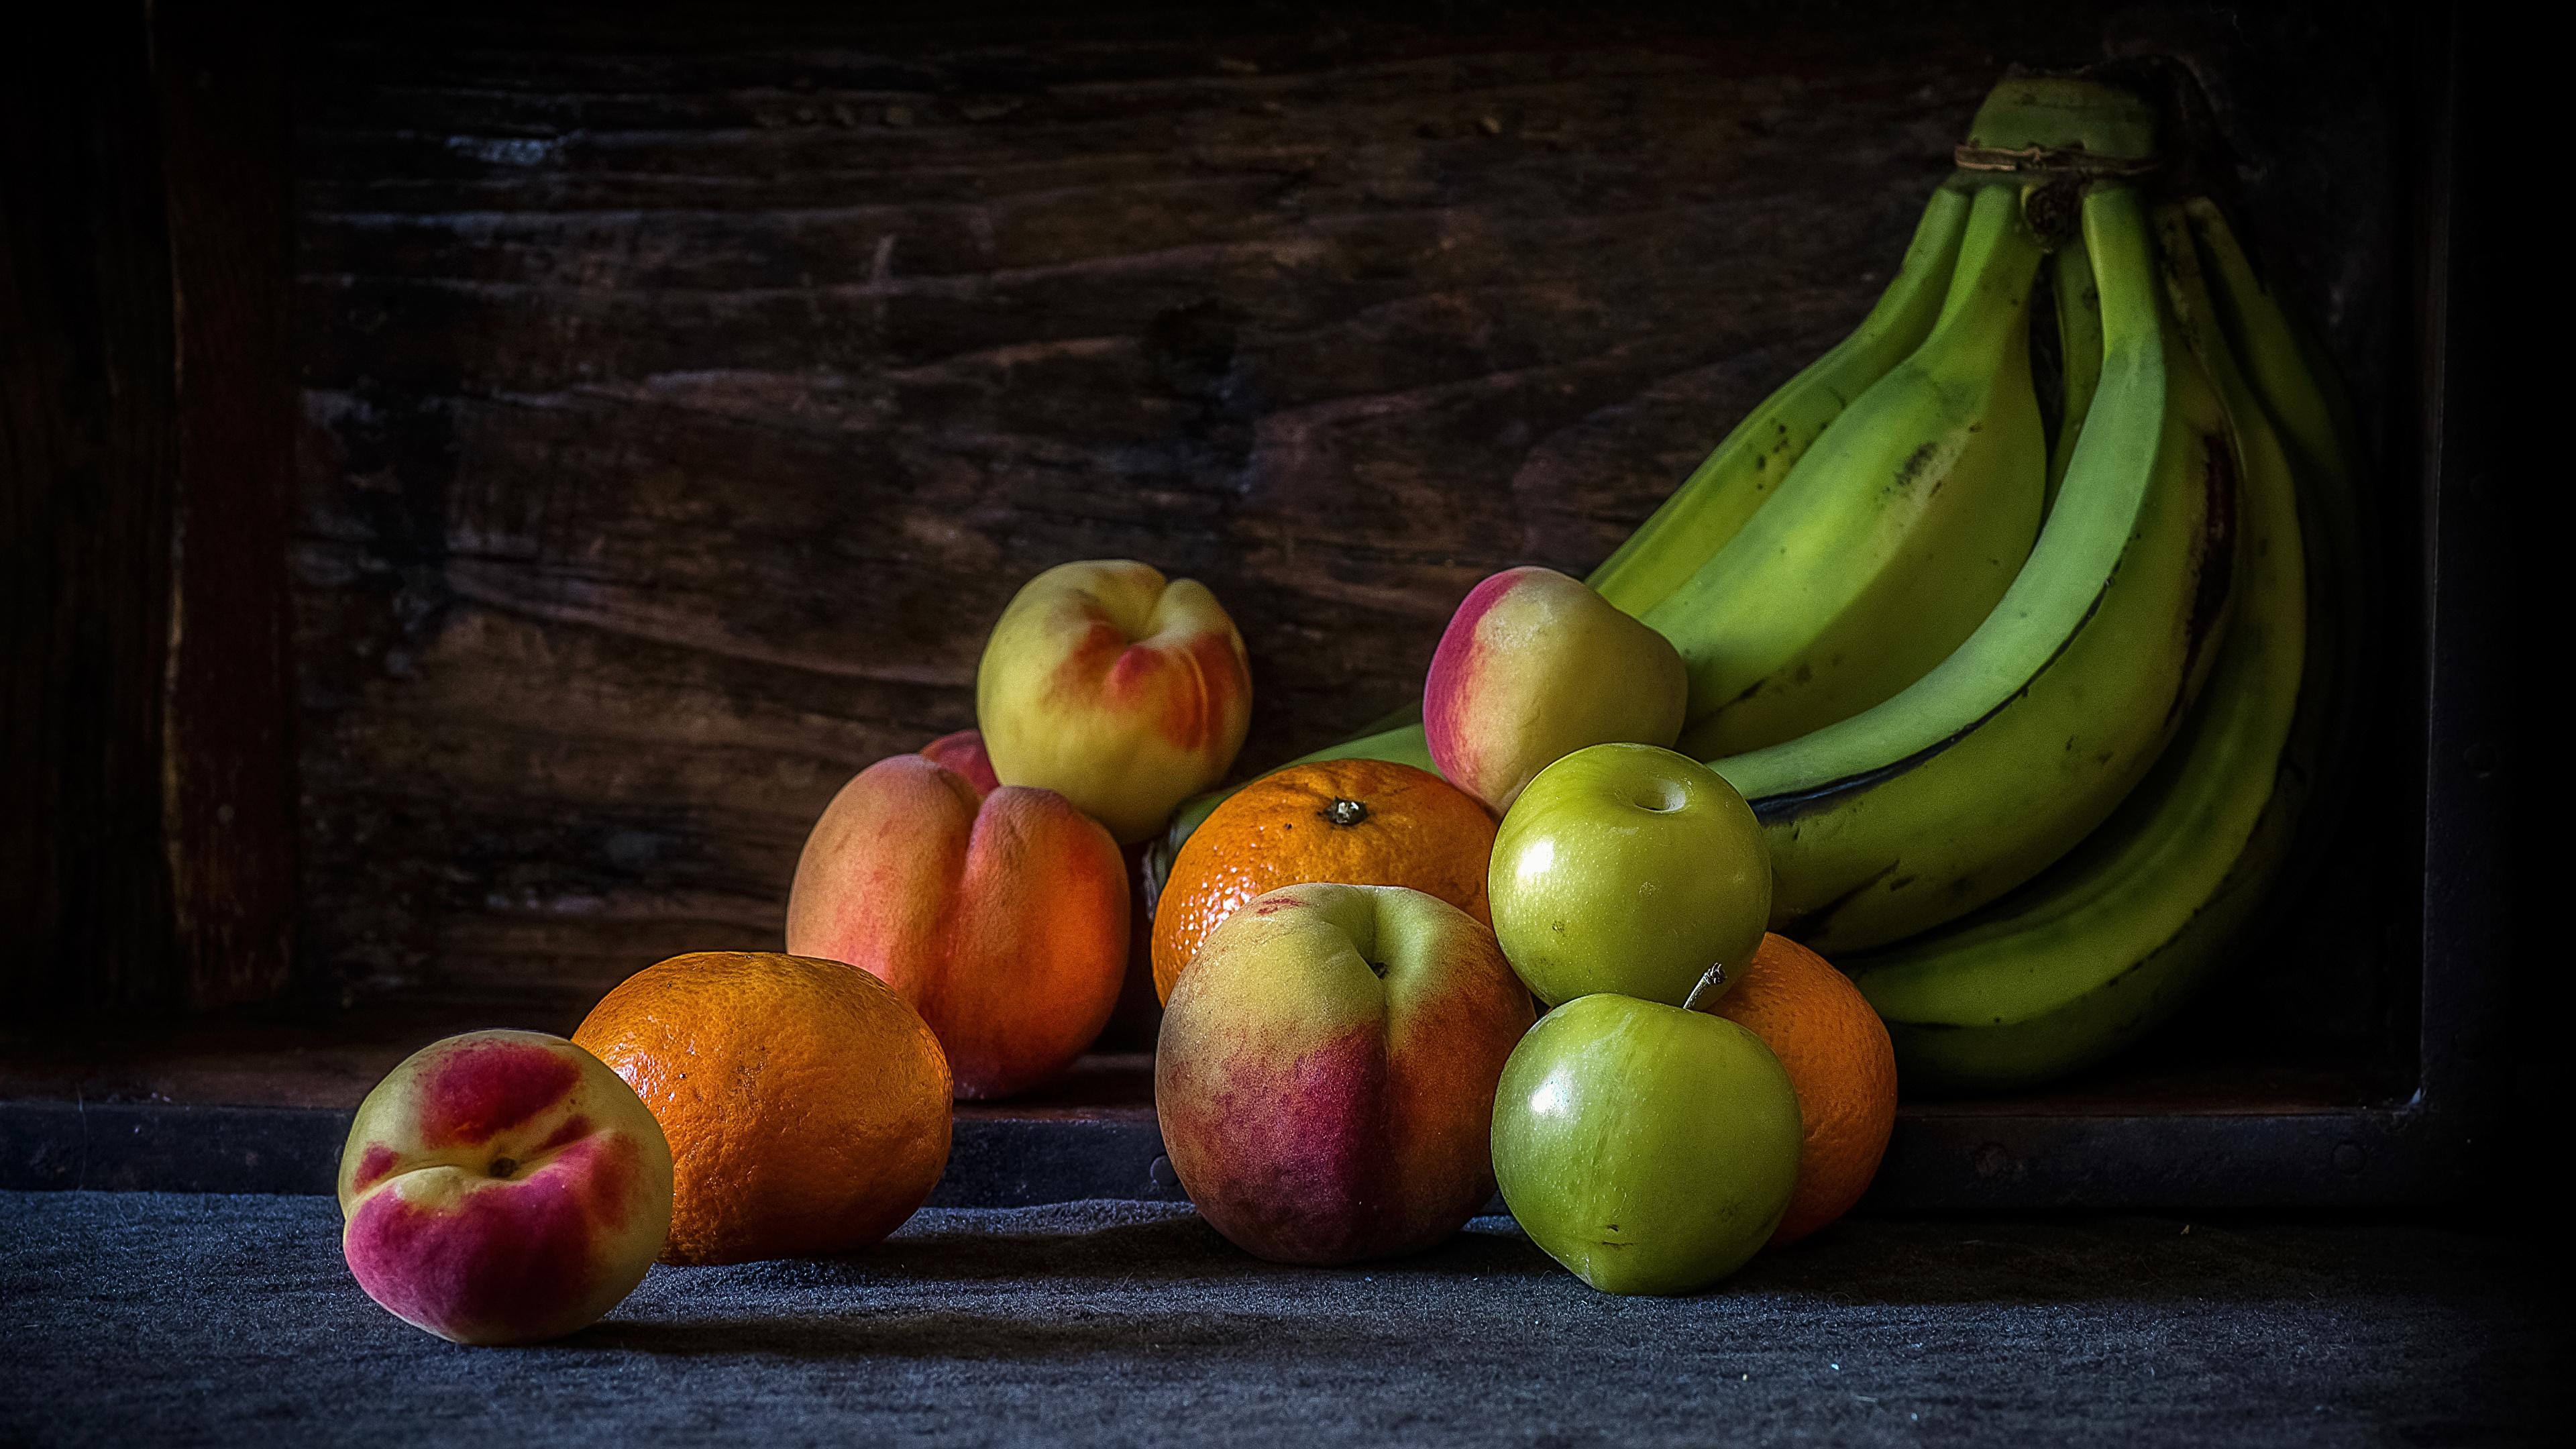 фрукты натюрморт fruit still life без регистрации